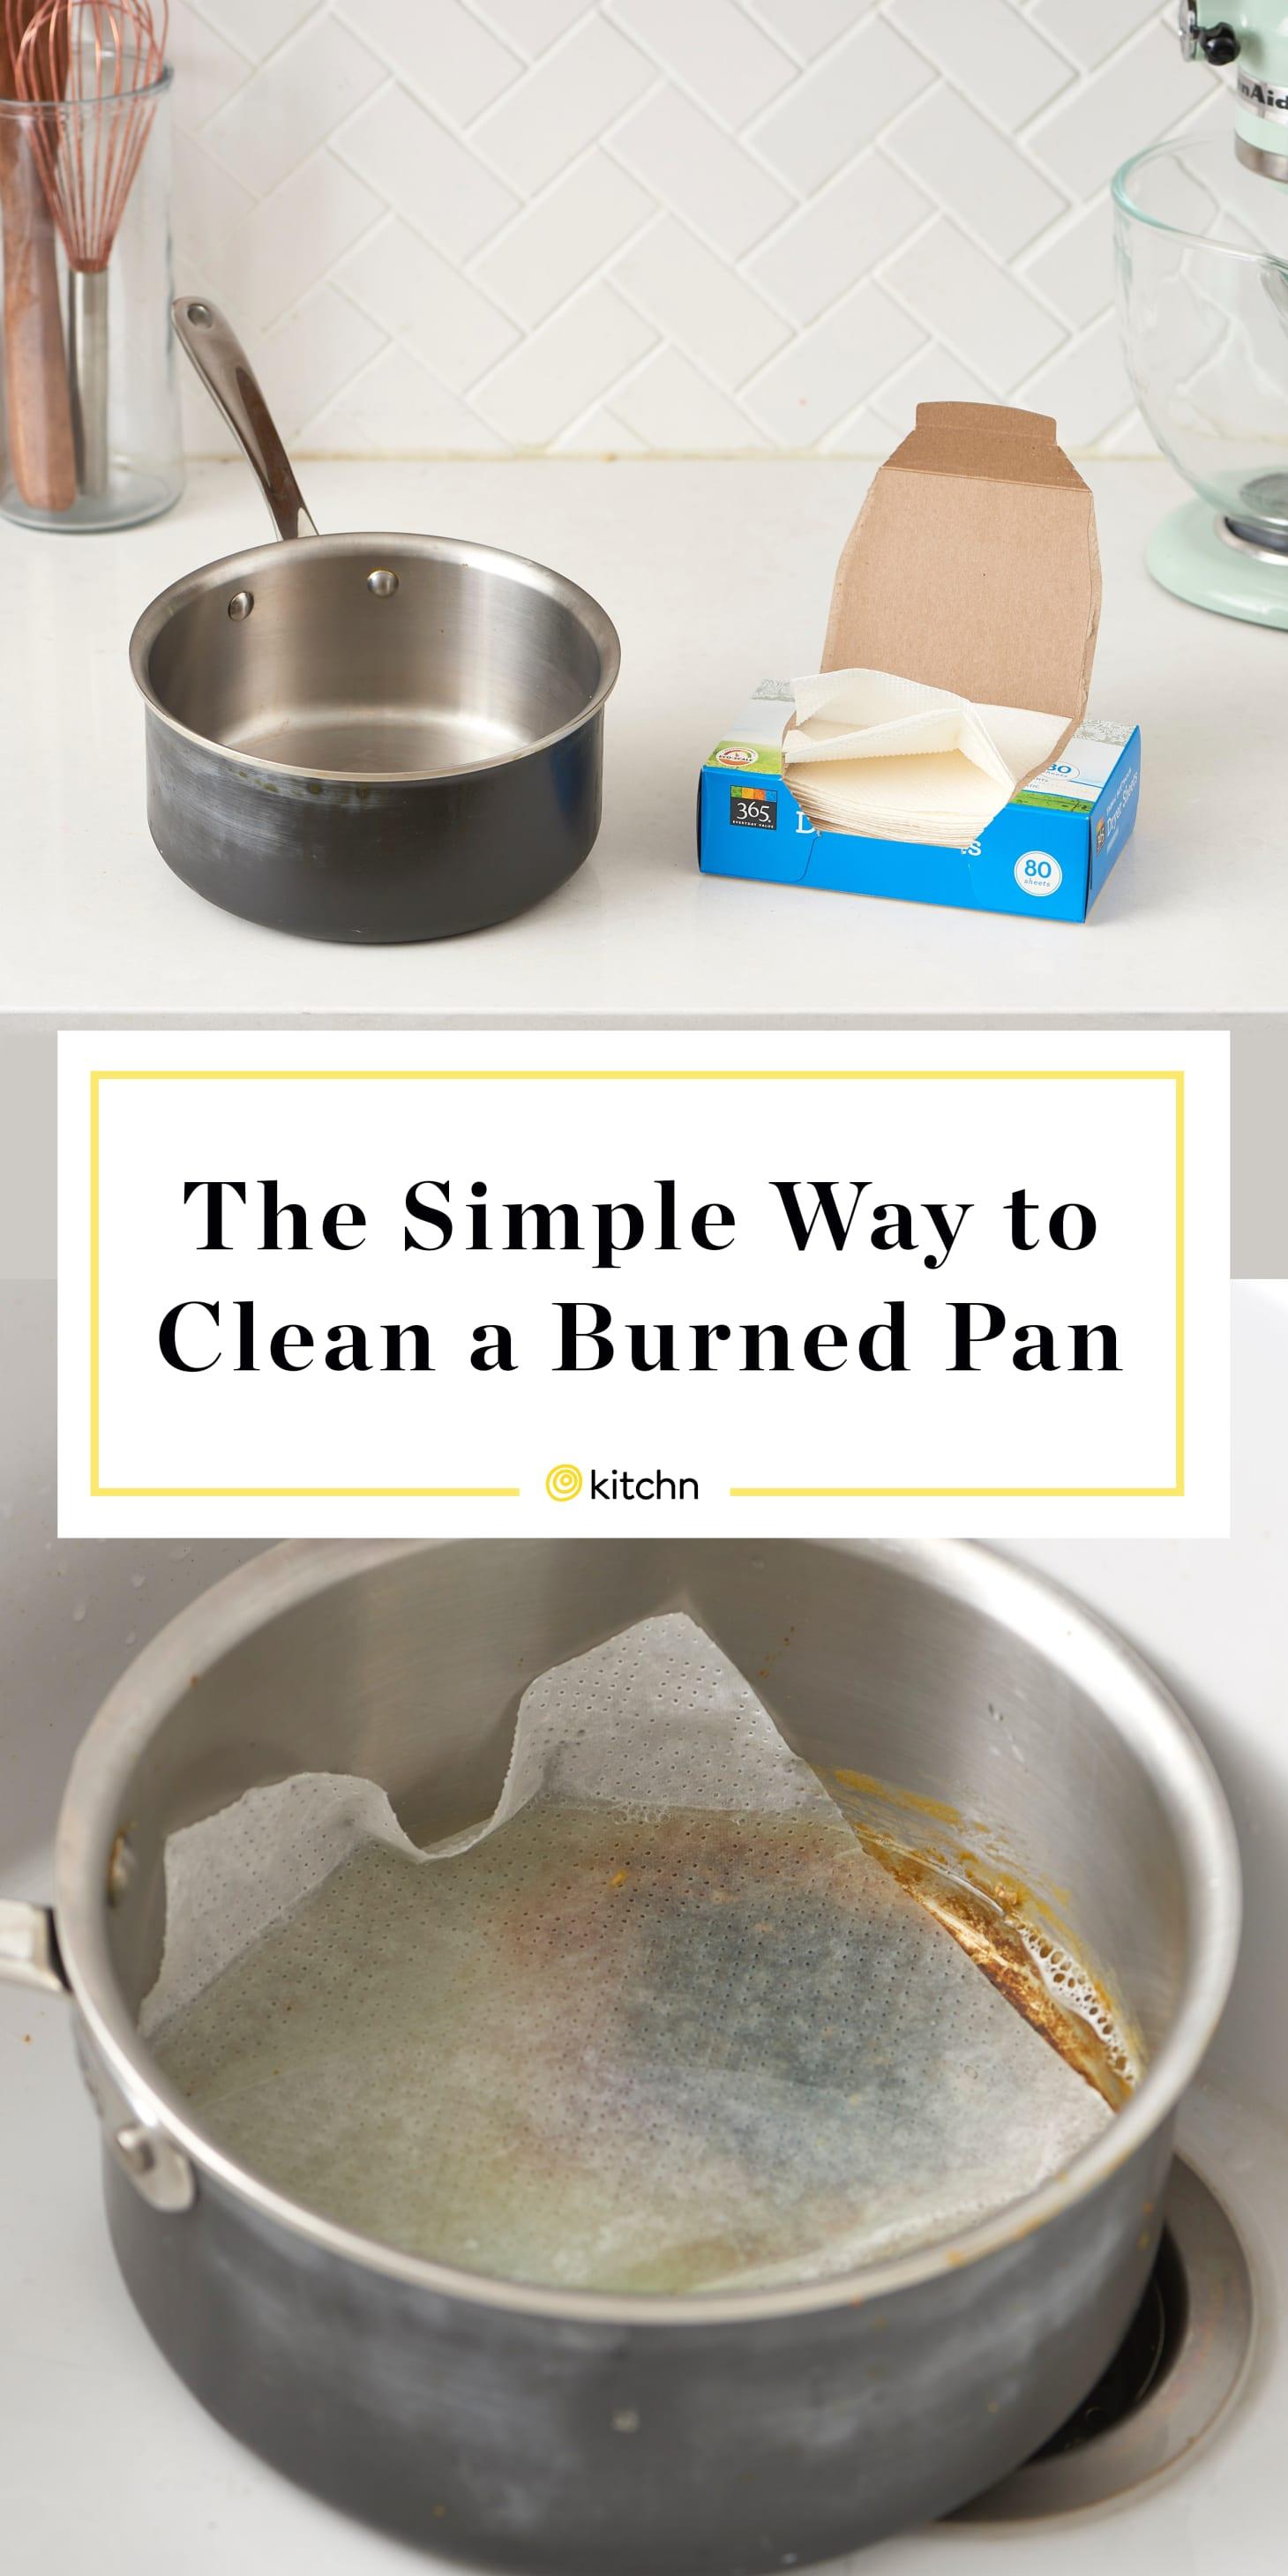 Clean a Scorched Pot - Tip Dryer Sheet Hack | Kitchn